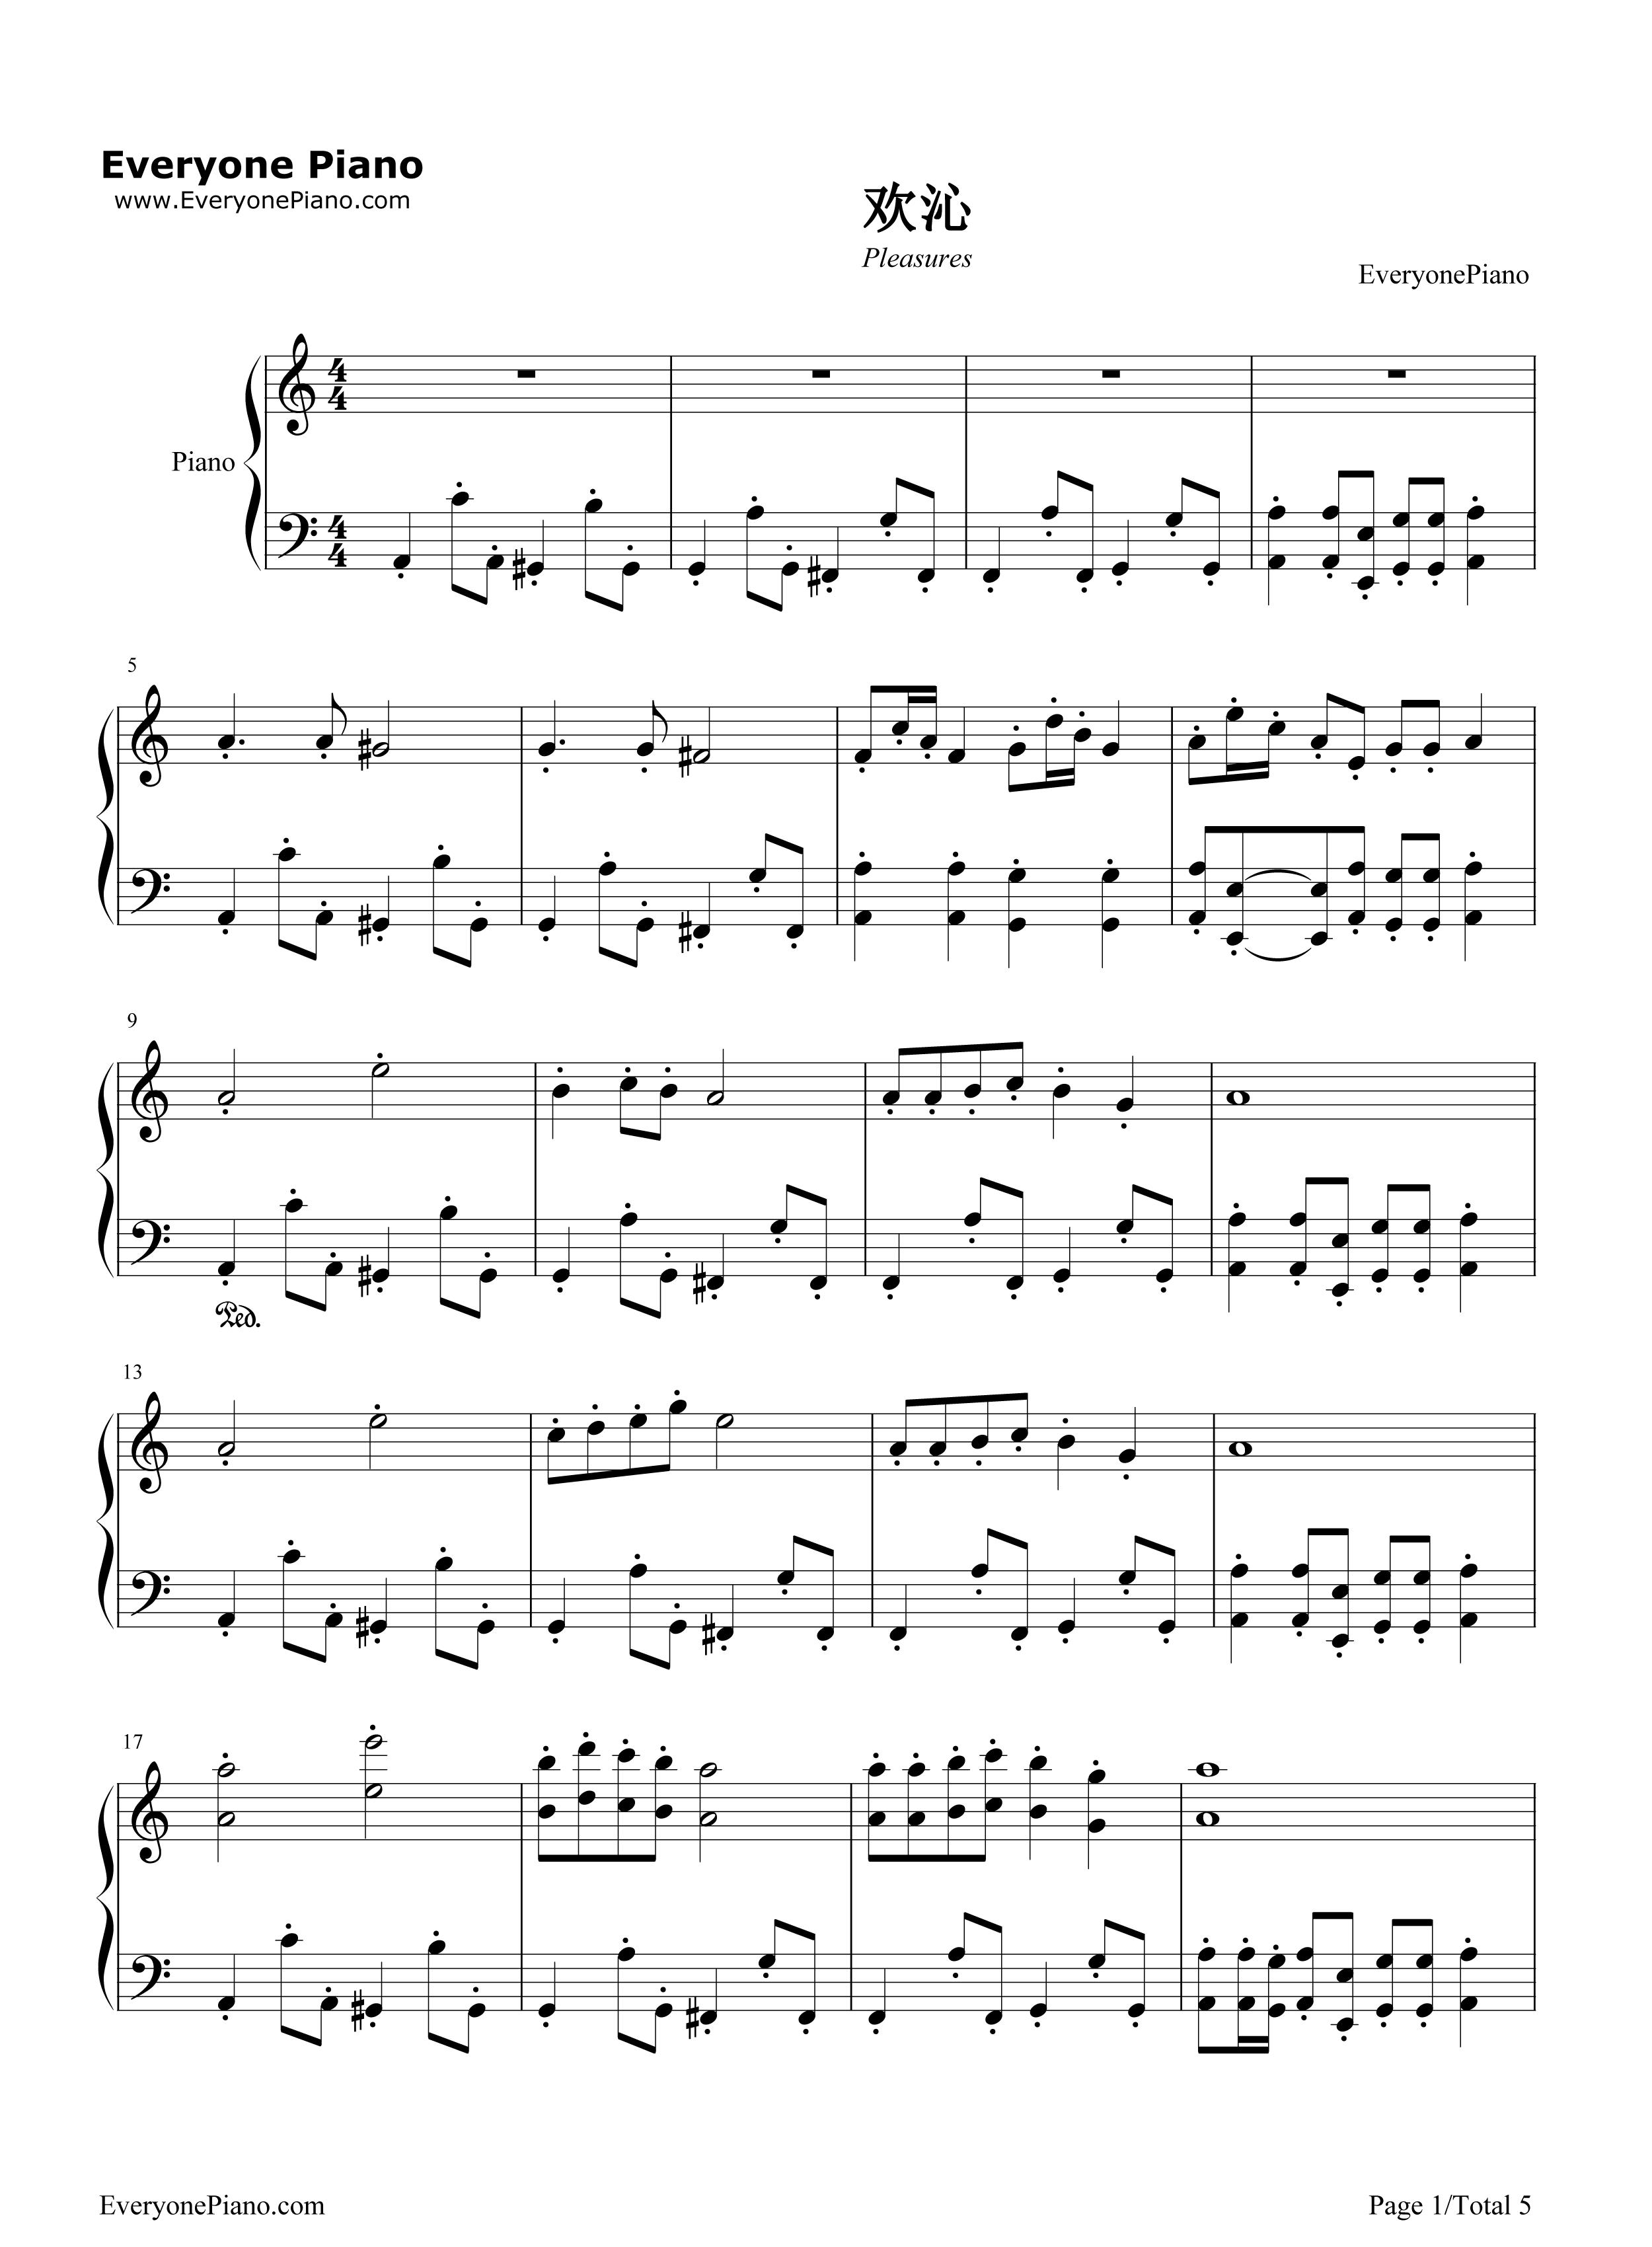 钢琴曲谱 民乐 欢沁-林海 欢沁-林海五线谱预览1  }  仅供学习交流